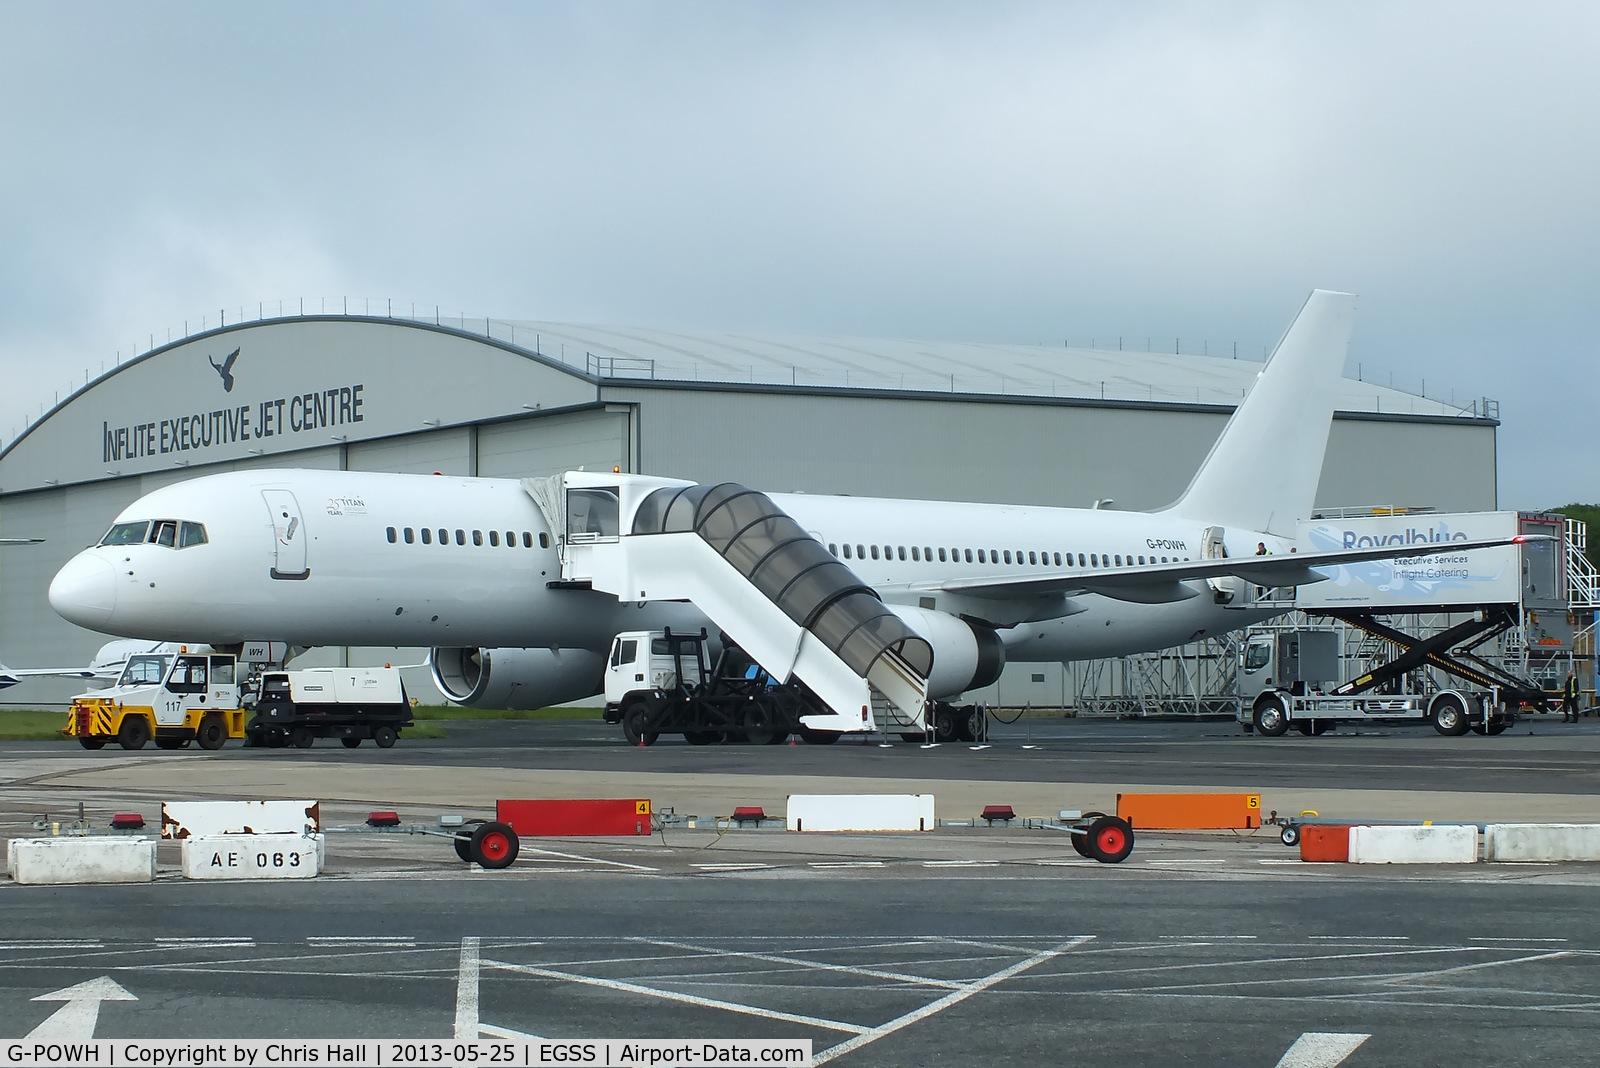 G-POWH, 2000 Boeing 757-256 C/N 29308, Titan Airways